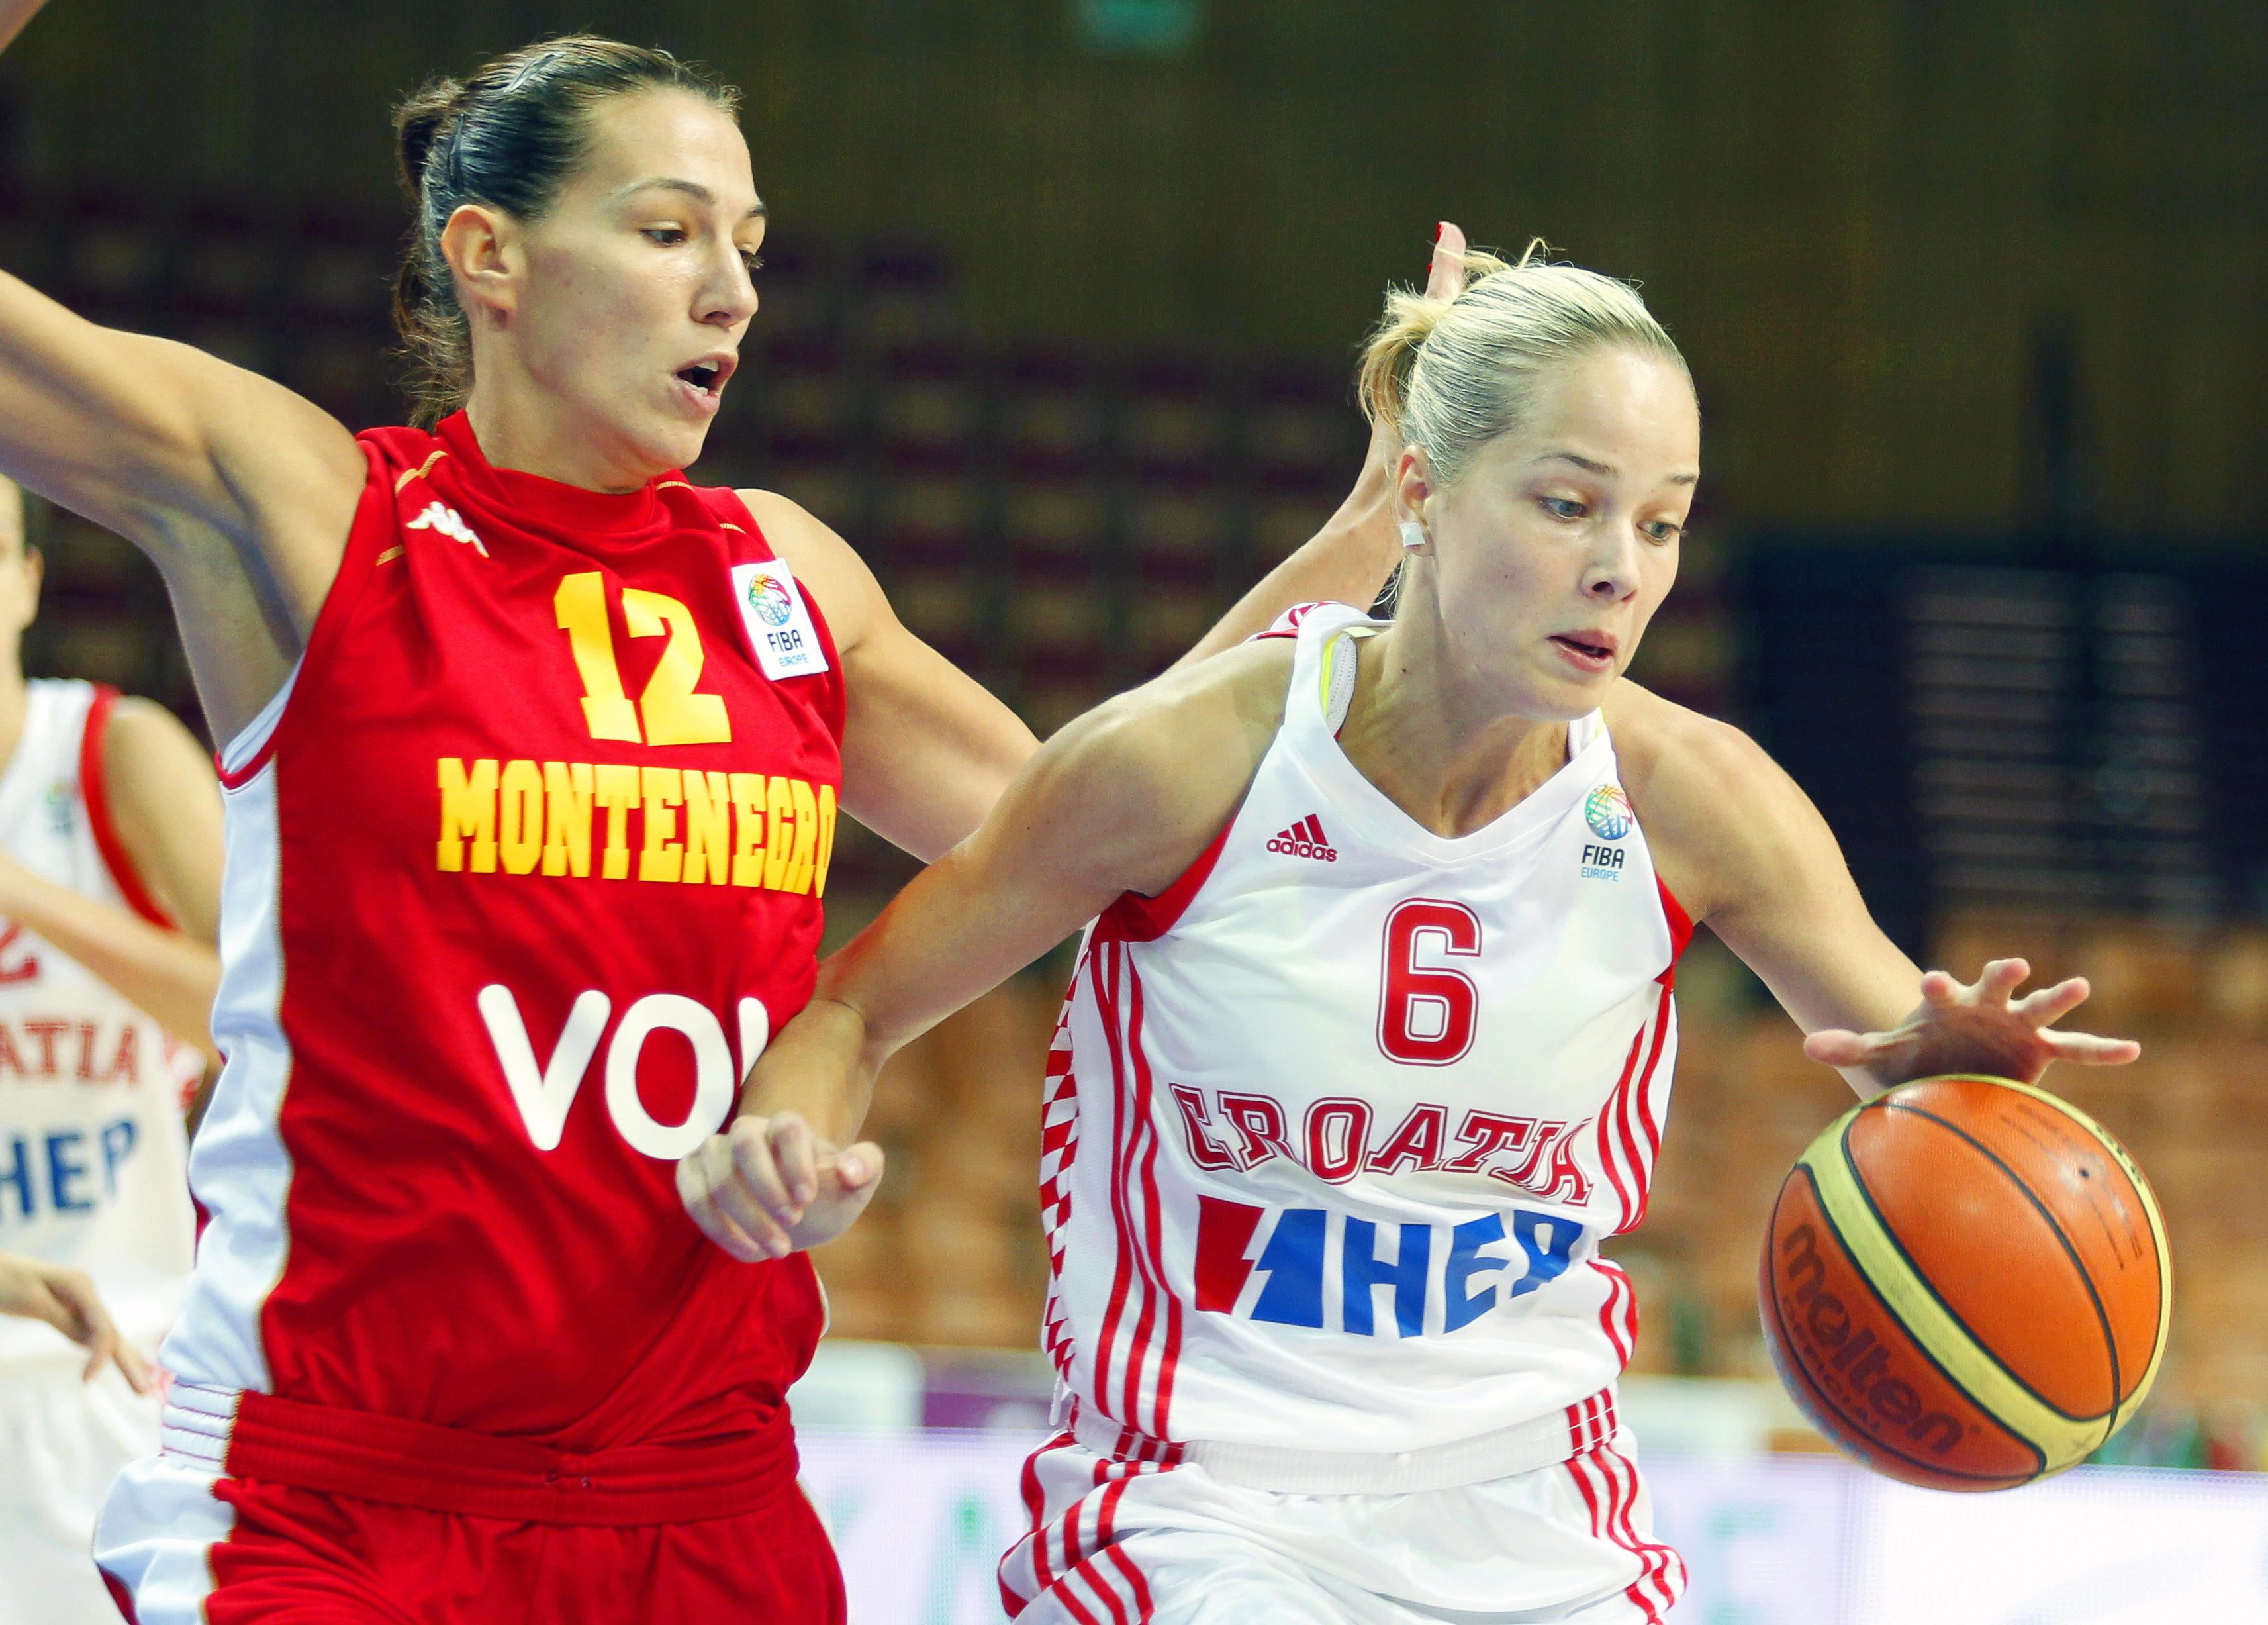 Cele mai frumoase sportive din lume. LOCUL 2: Antonija Misura (30 de ani, Croația, baschet)   FOTO și VIDEO